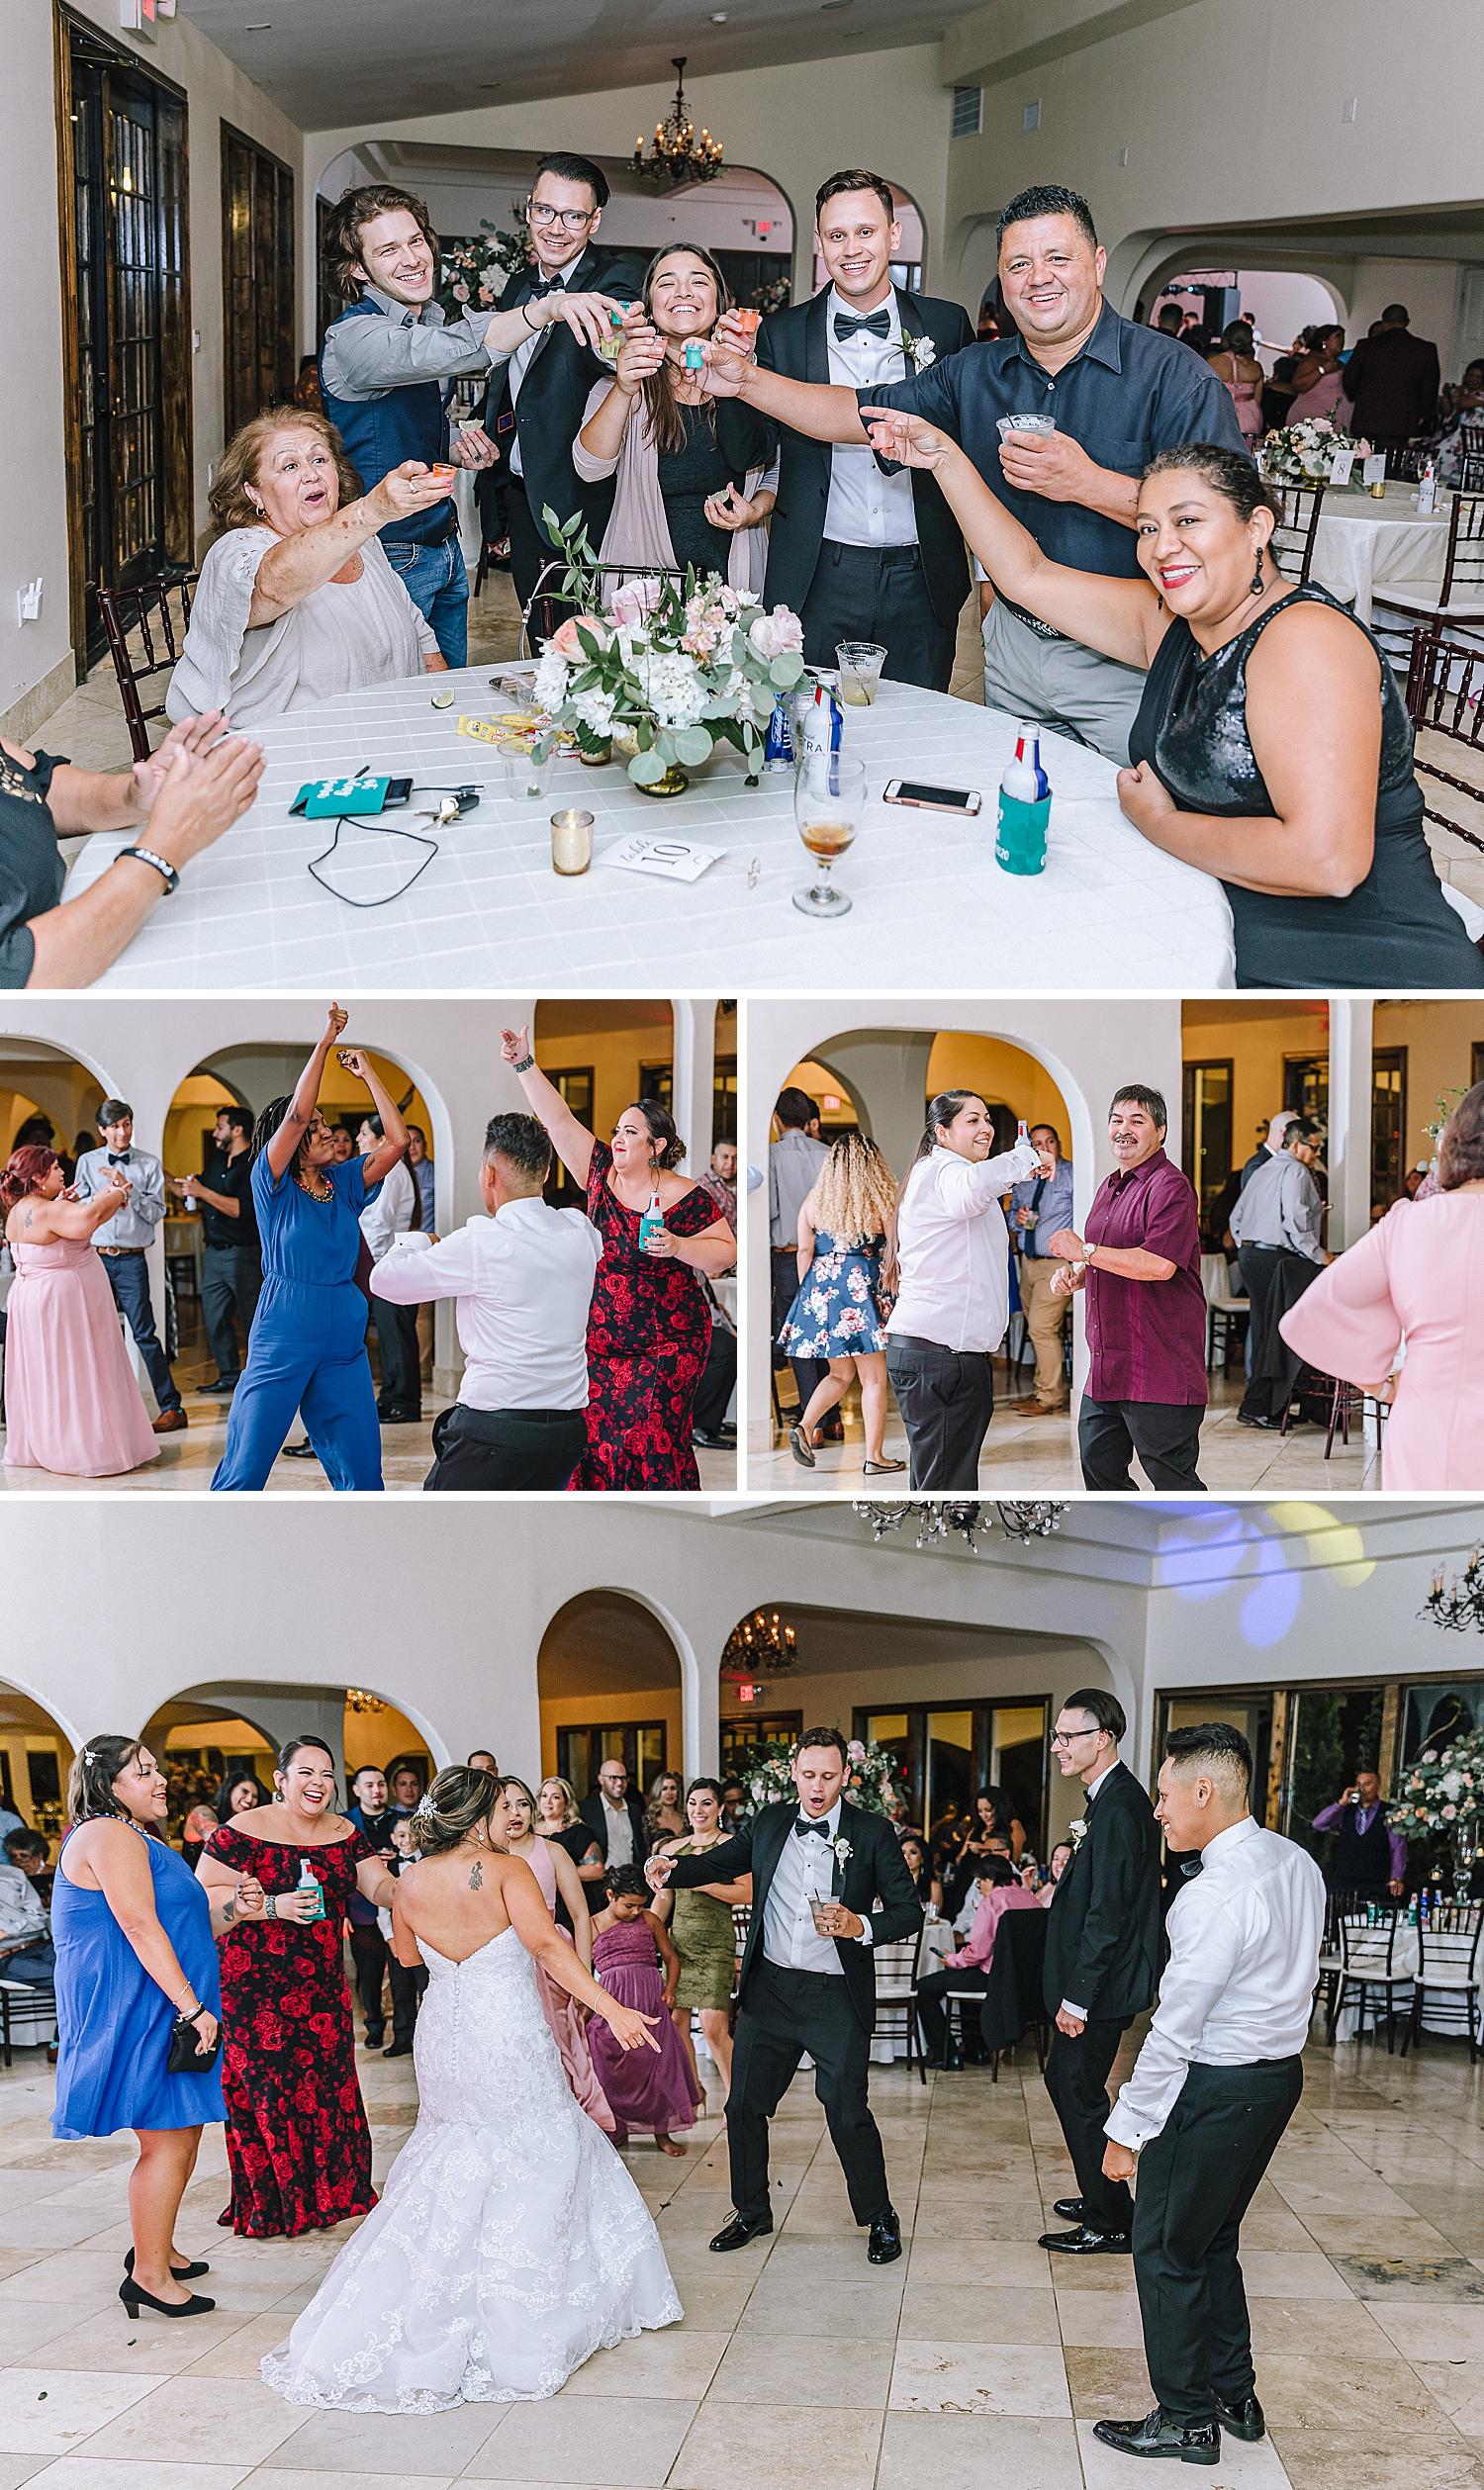 Carly-Barton-Photography-The-Villa-at-Cielo-Vista-Blush-Gold-White-Wedding-Photos_0055.jpg